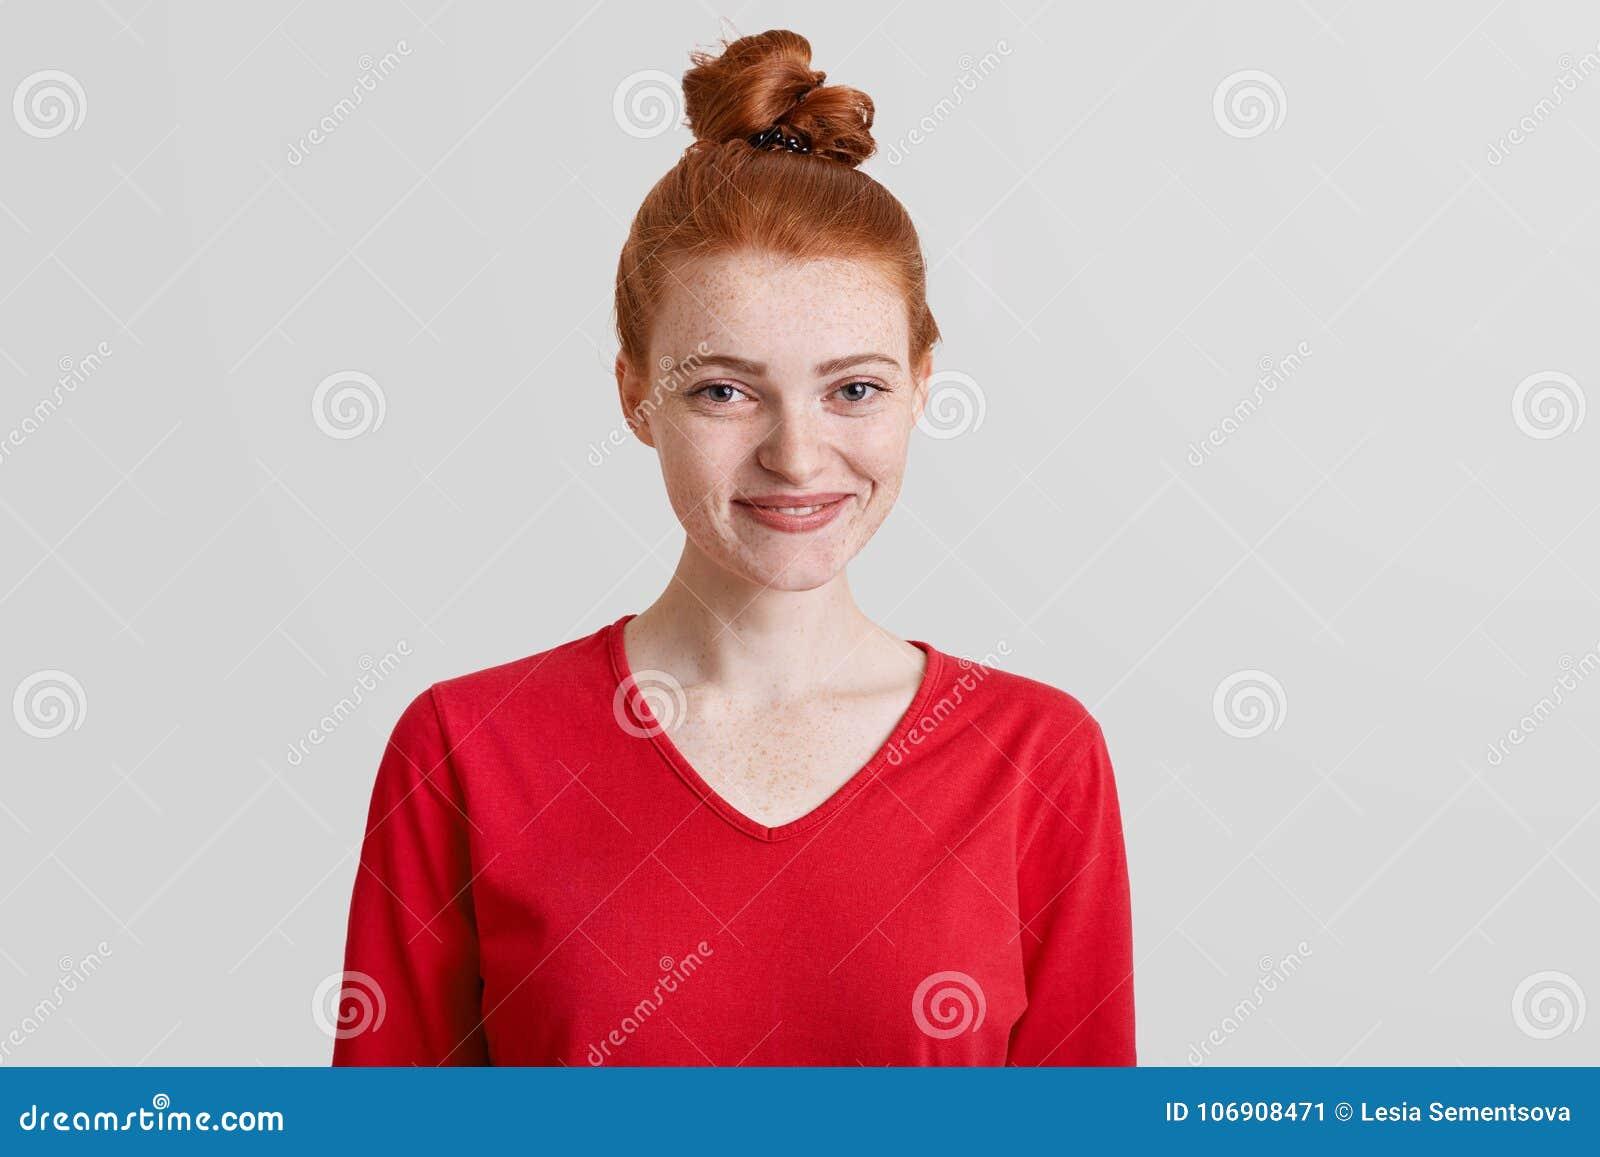 Horyzontalny strzał nieśmiała zadowolona piegowata młoda kobieta z imbirową włosianą kępką, ubierający w czerwonym pulowerze nad